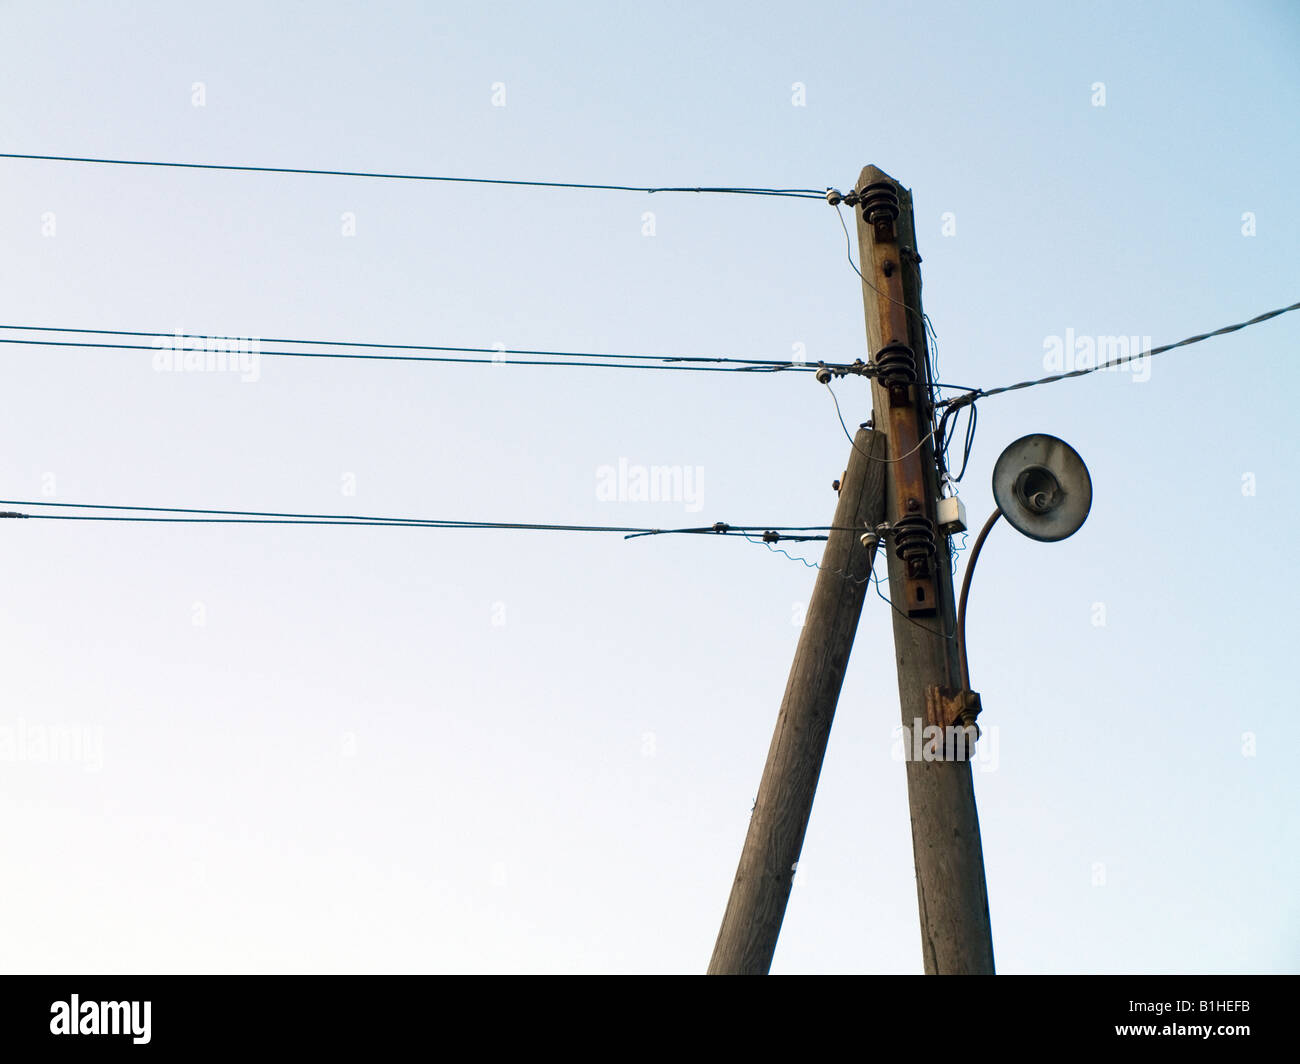 Wunderbar Neutraler Elektrischer Draht Fotos - Die Besten ...